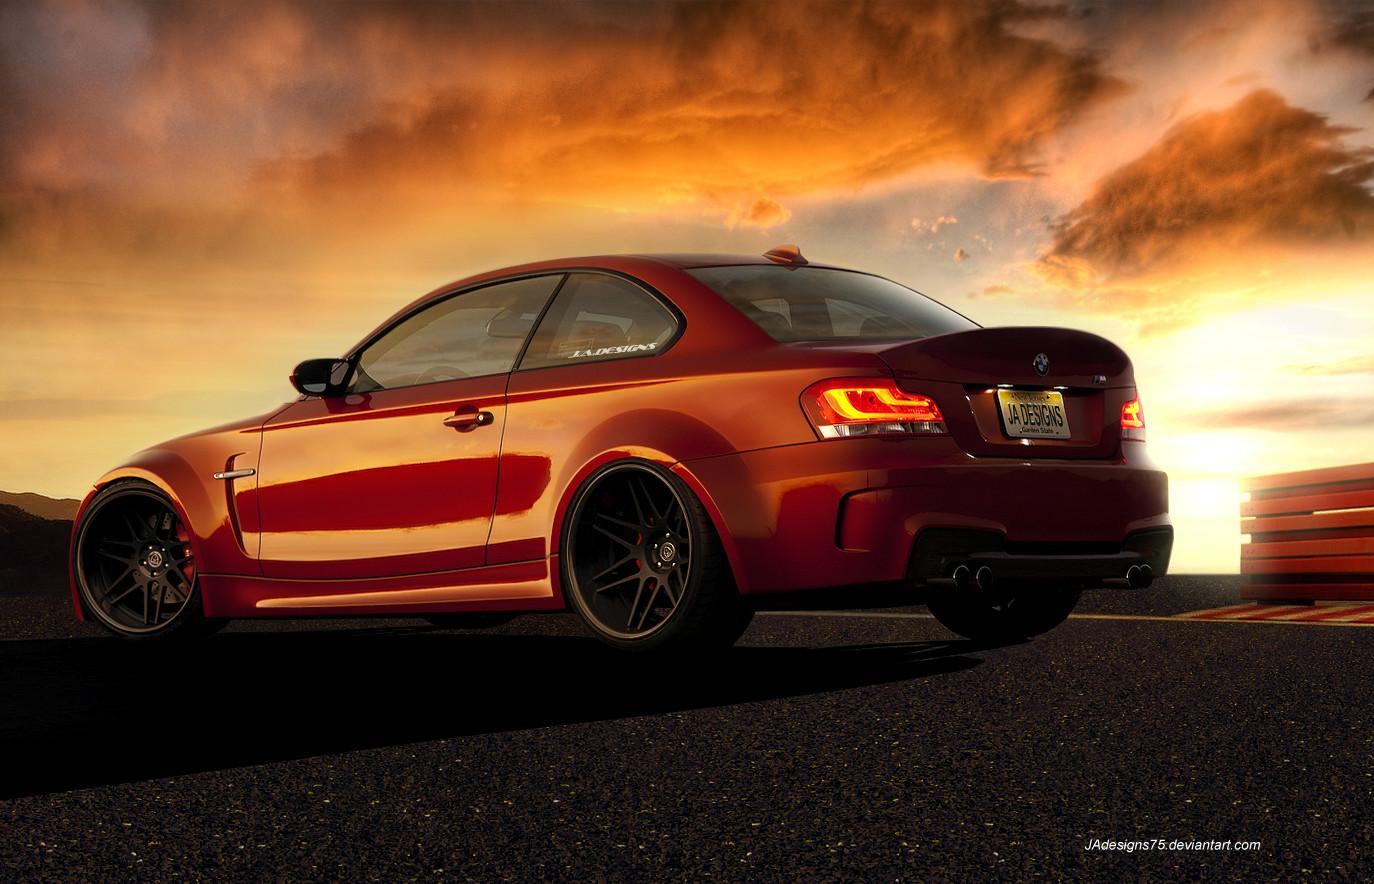 BMW 1M WideBody Render by JAdesigns75